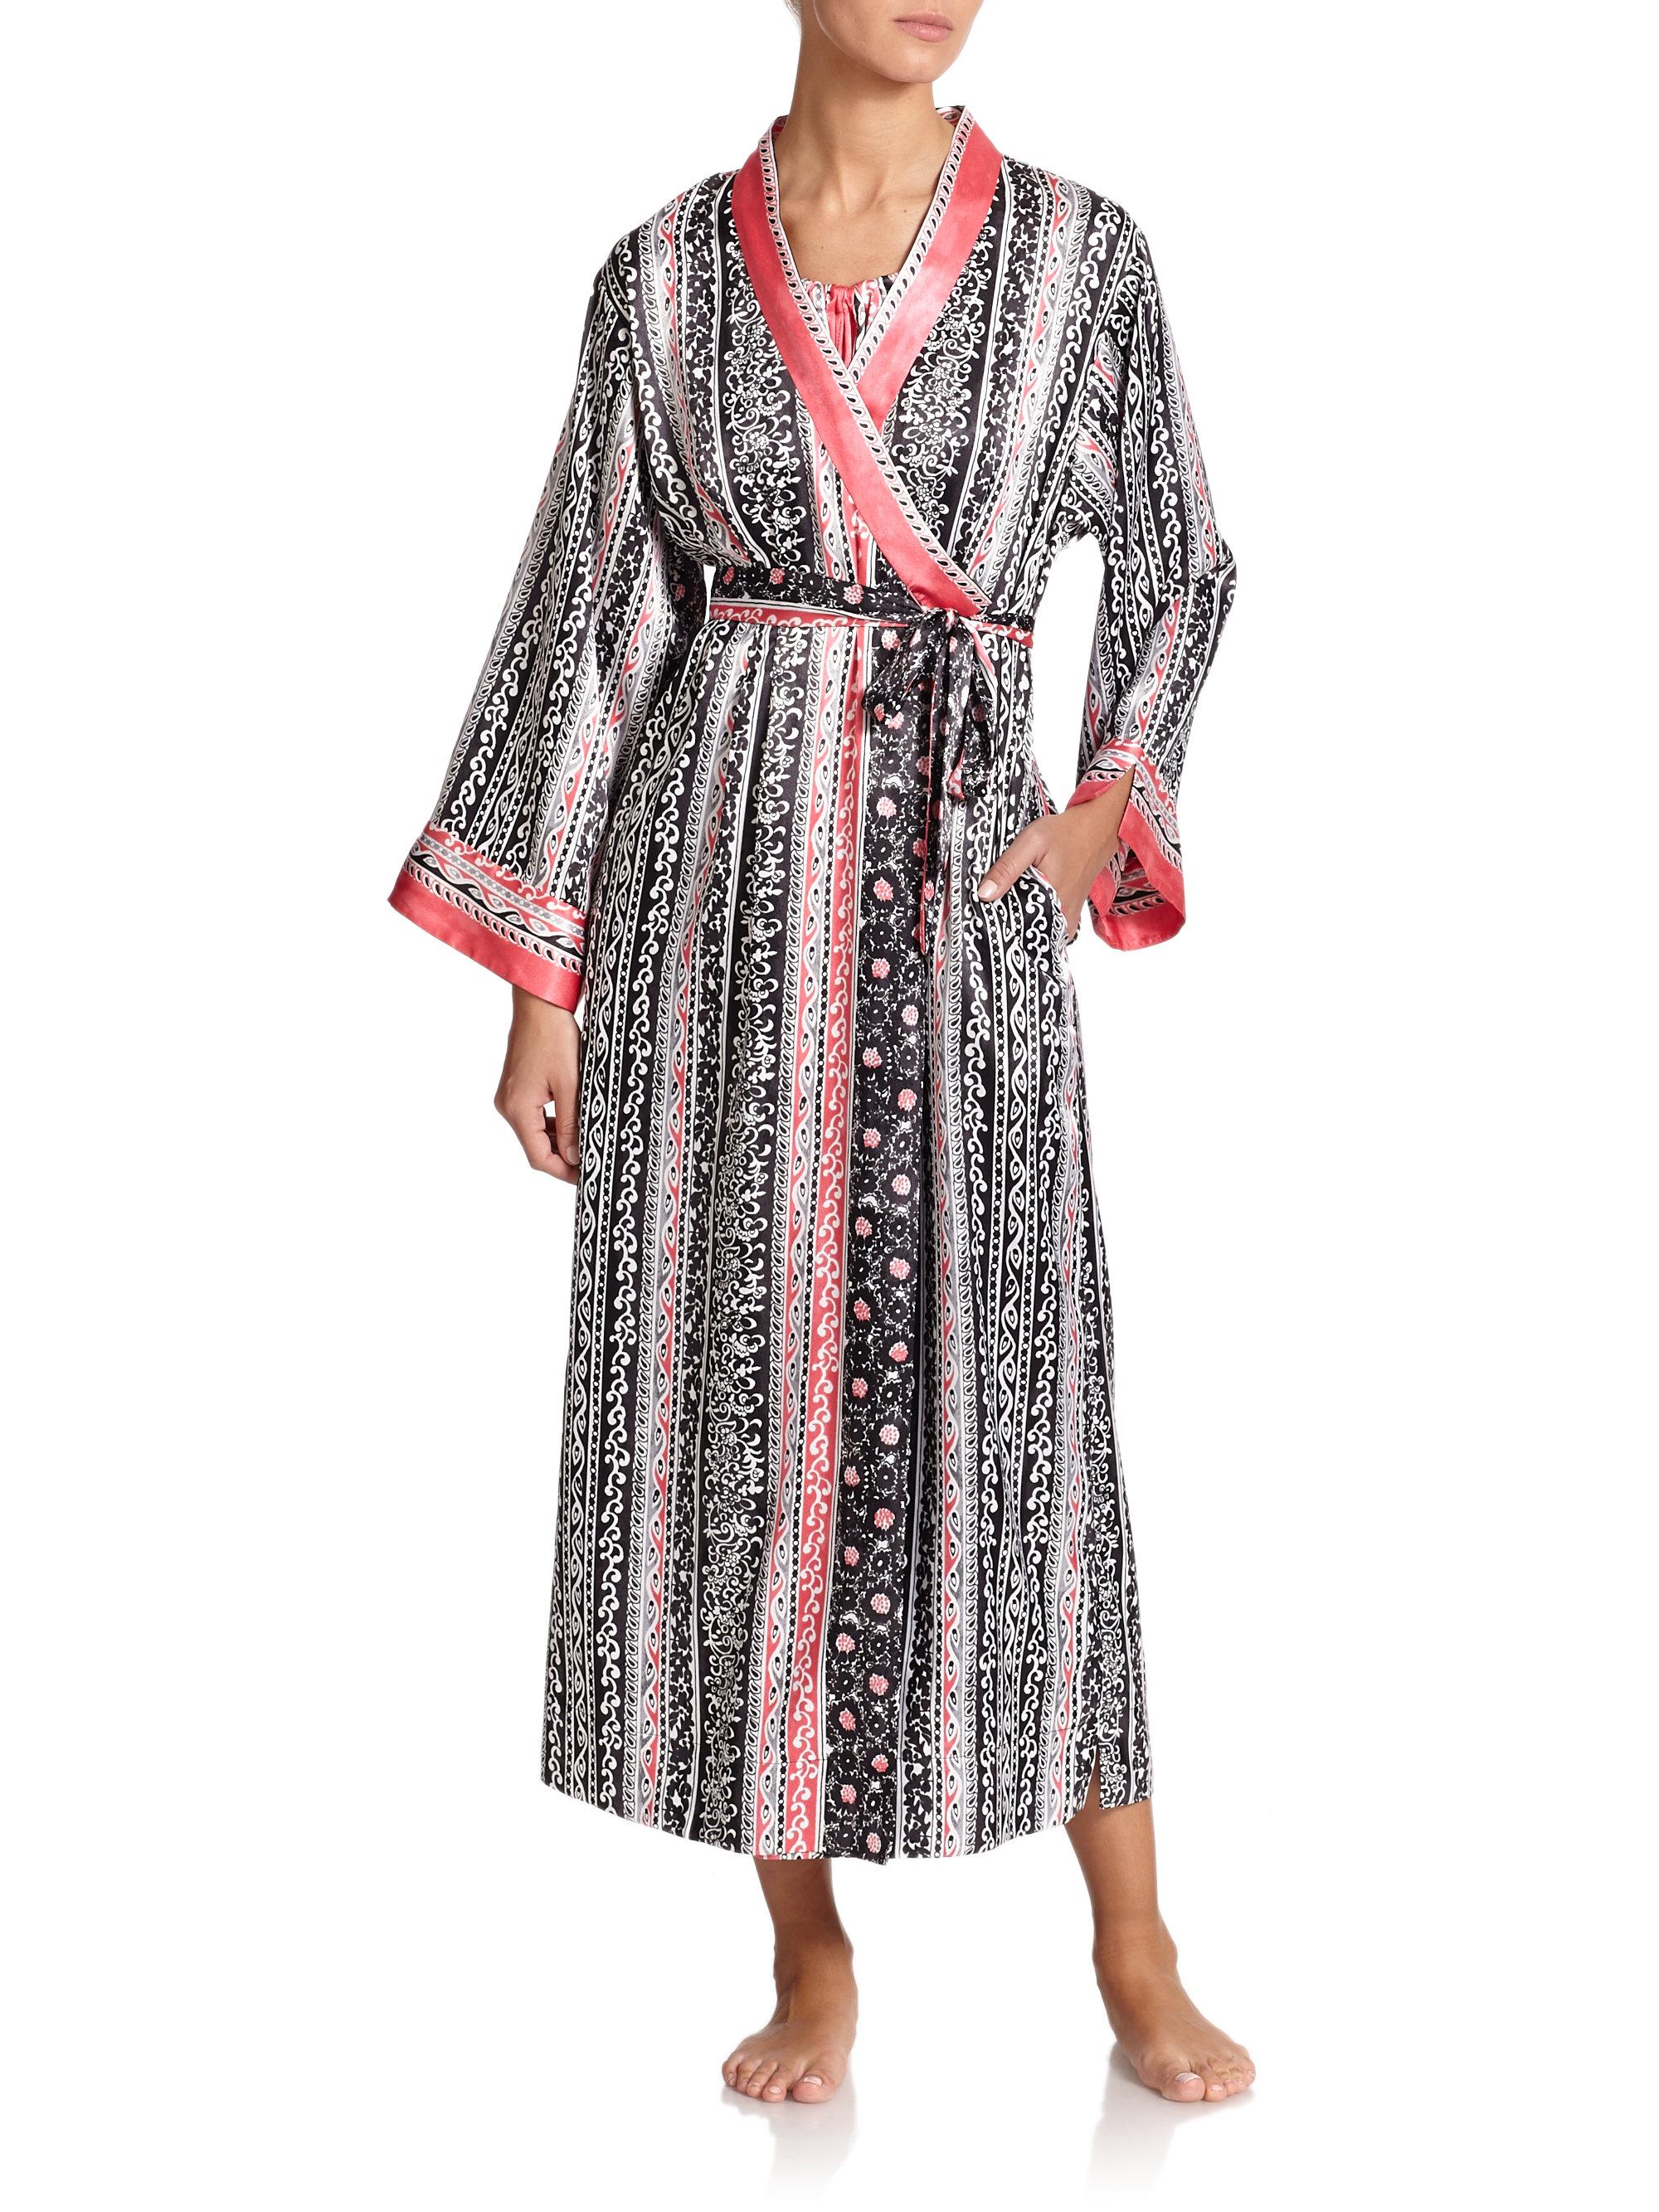 Oscar de la renta Balinese Vines Robe in Pink (MULTI)  Lyst